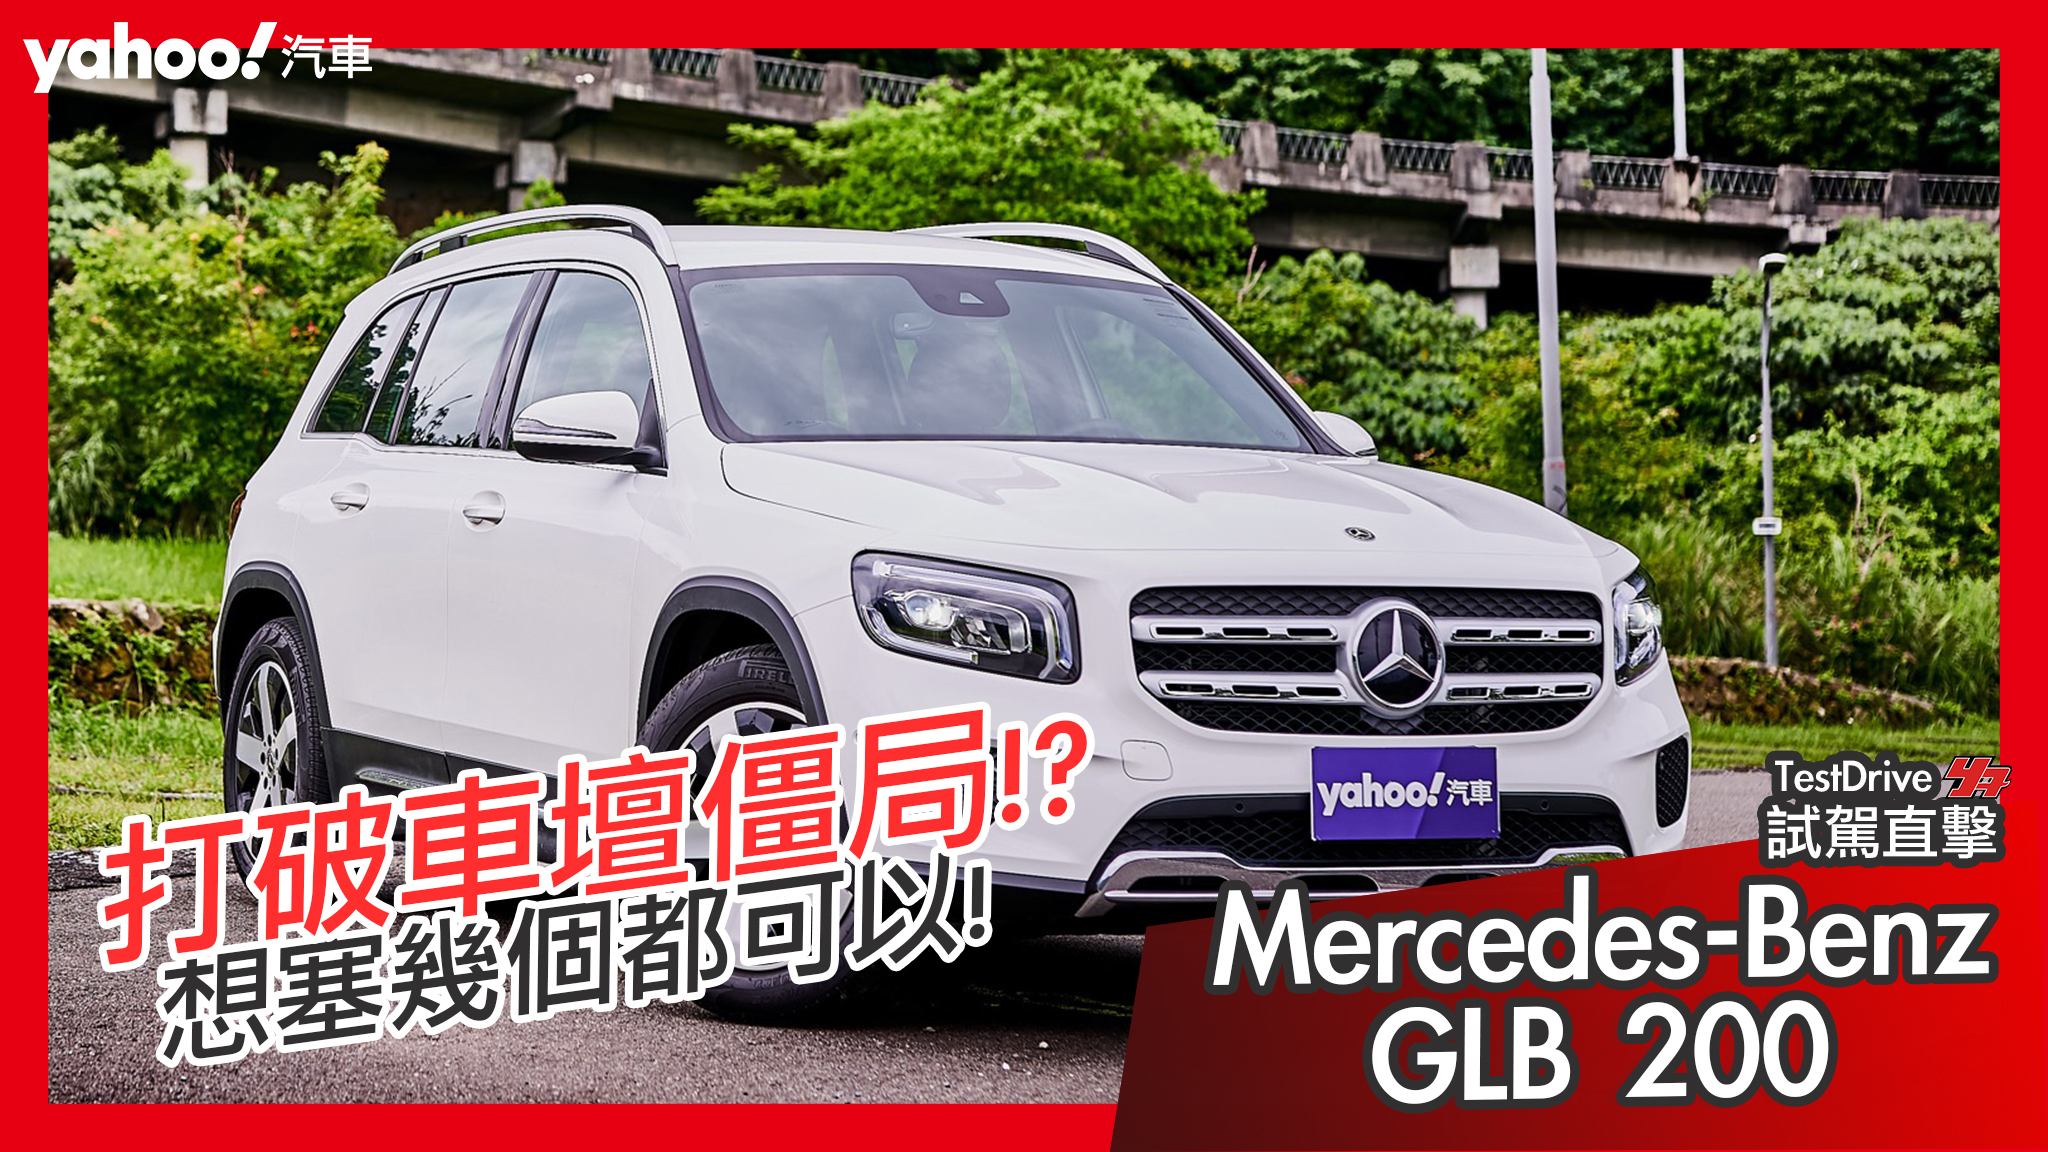 【試駕直擊】開起來「感覺大」的非典型三芒!2020 Mercedes-Benz GLB 200城郊試駕!